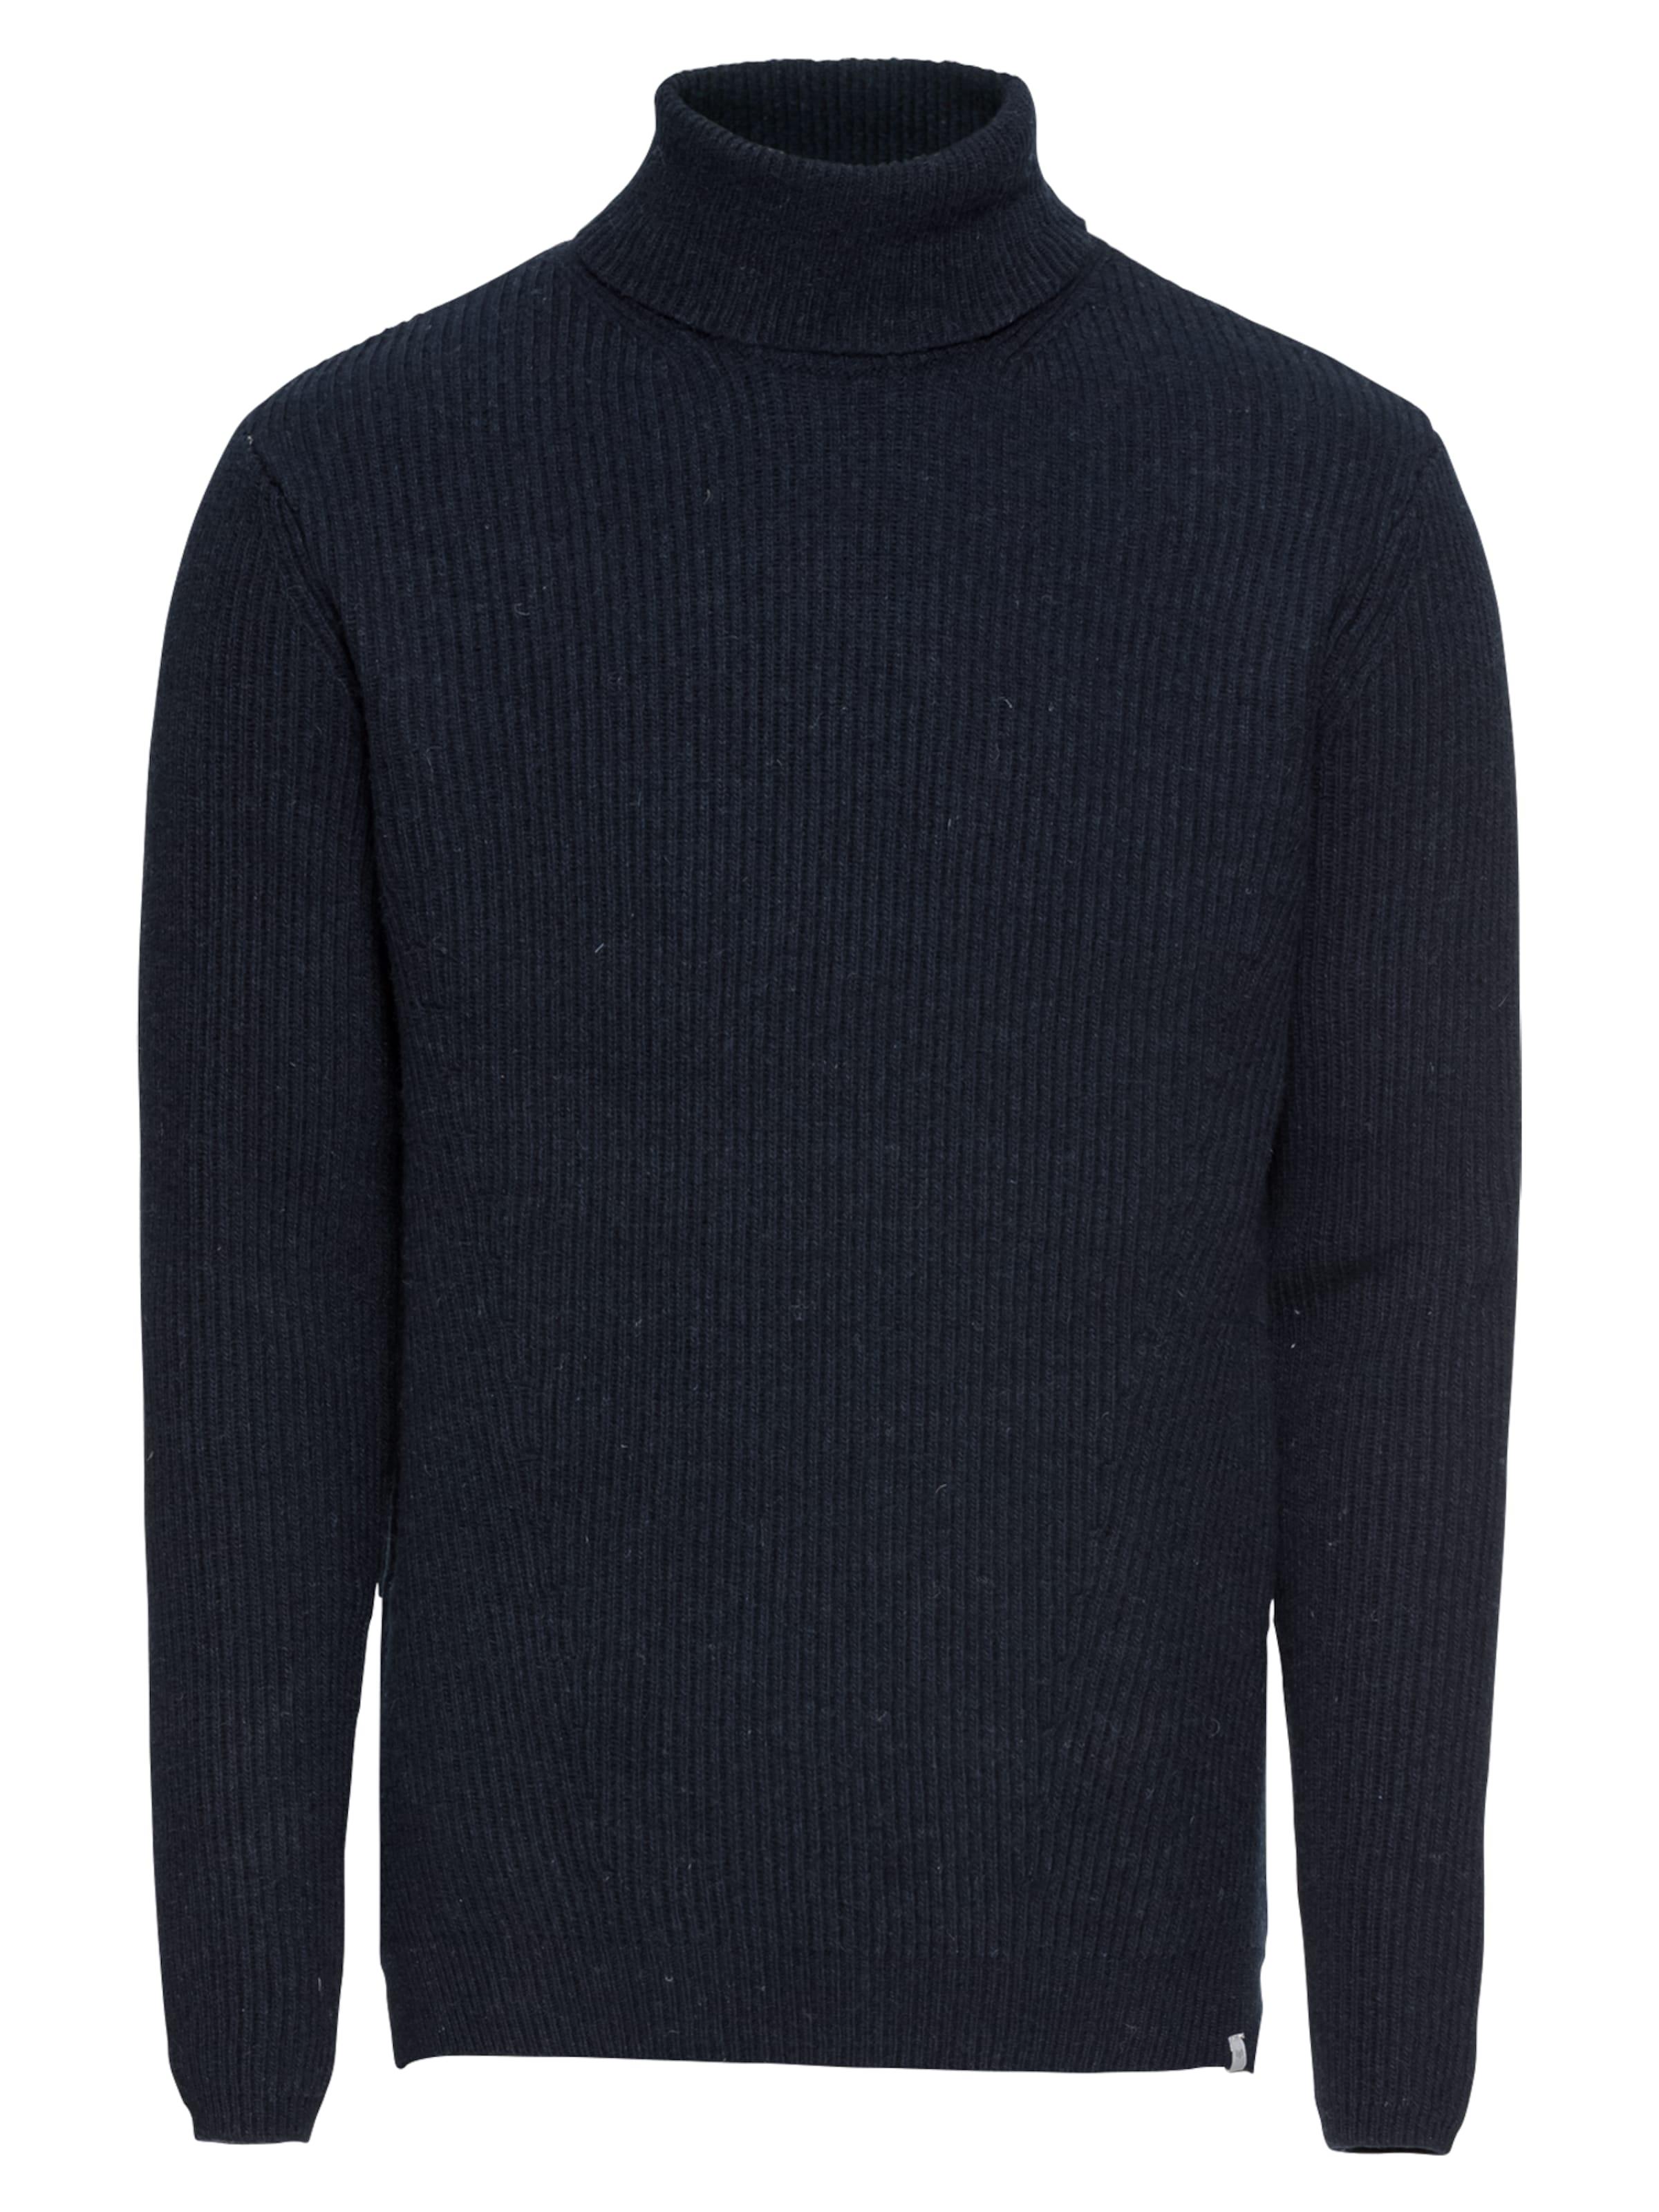 In Minimum 'tunoe' Pullover Pullover Minimum Navy UMVqpSzG